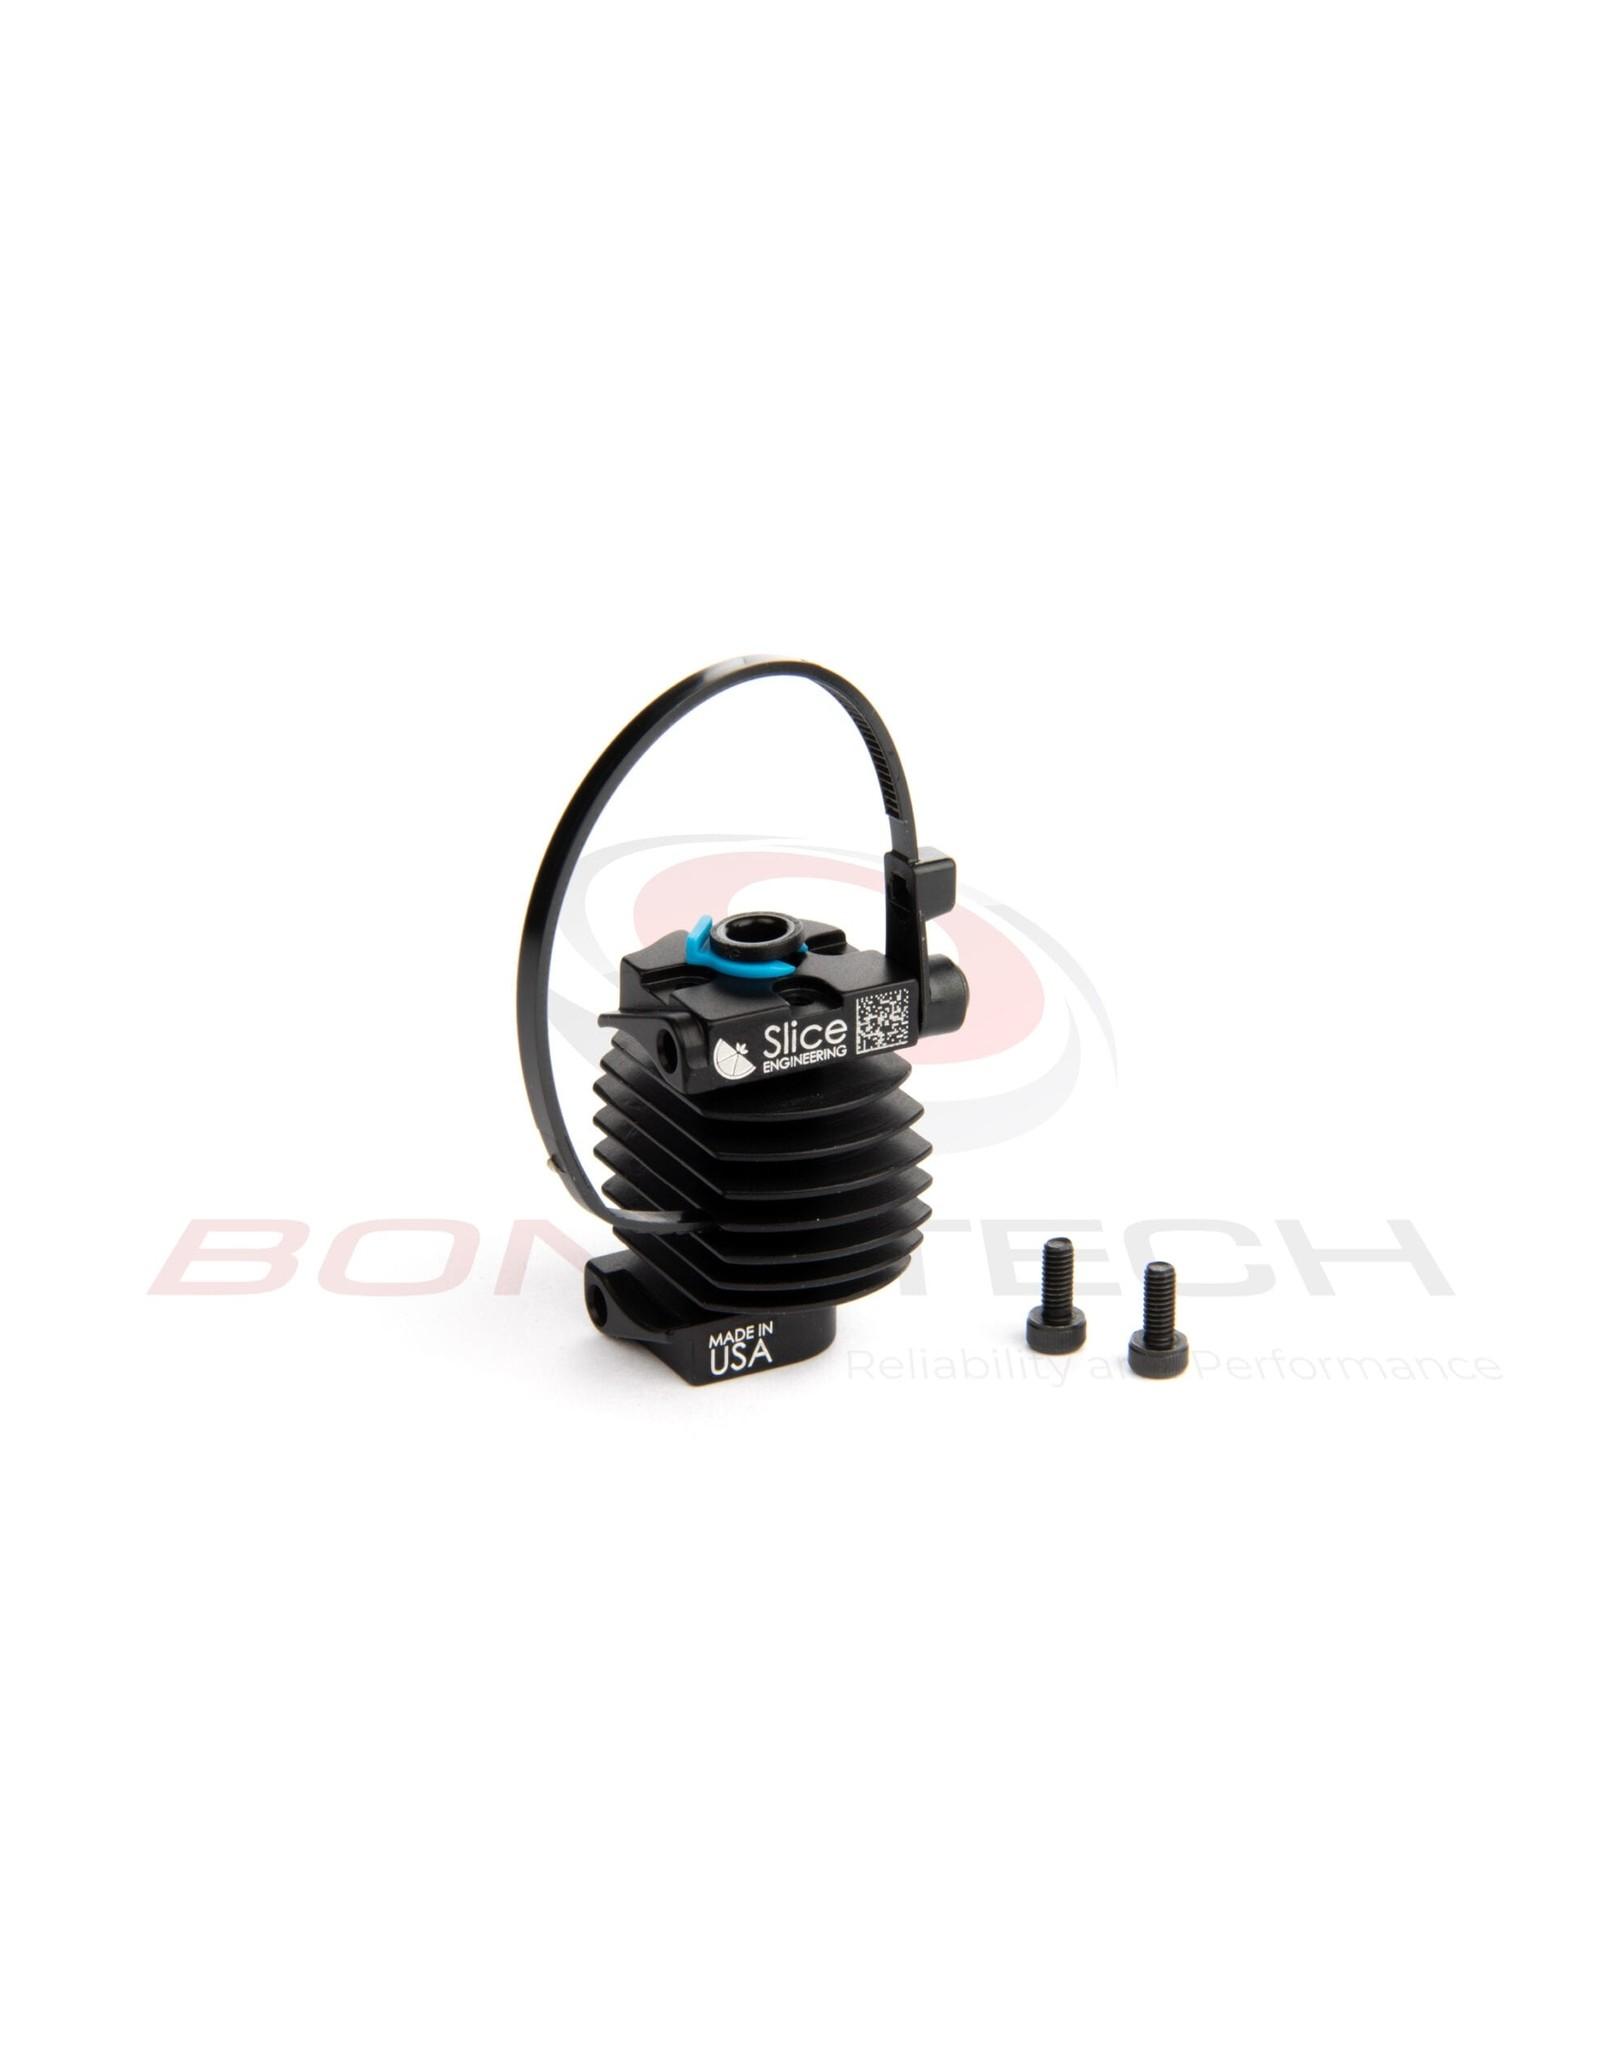 BONDTECH Copperhead™ Heat Sink (screw mount)